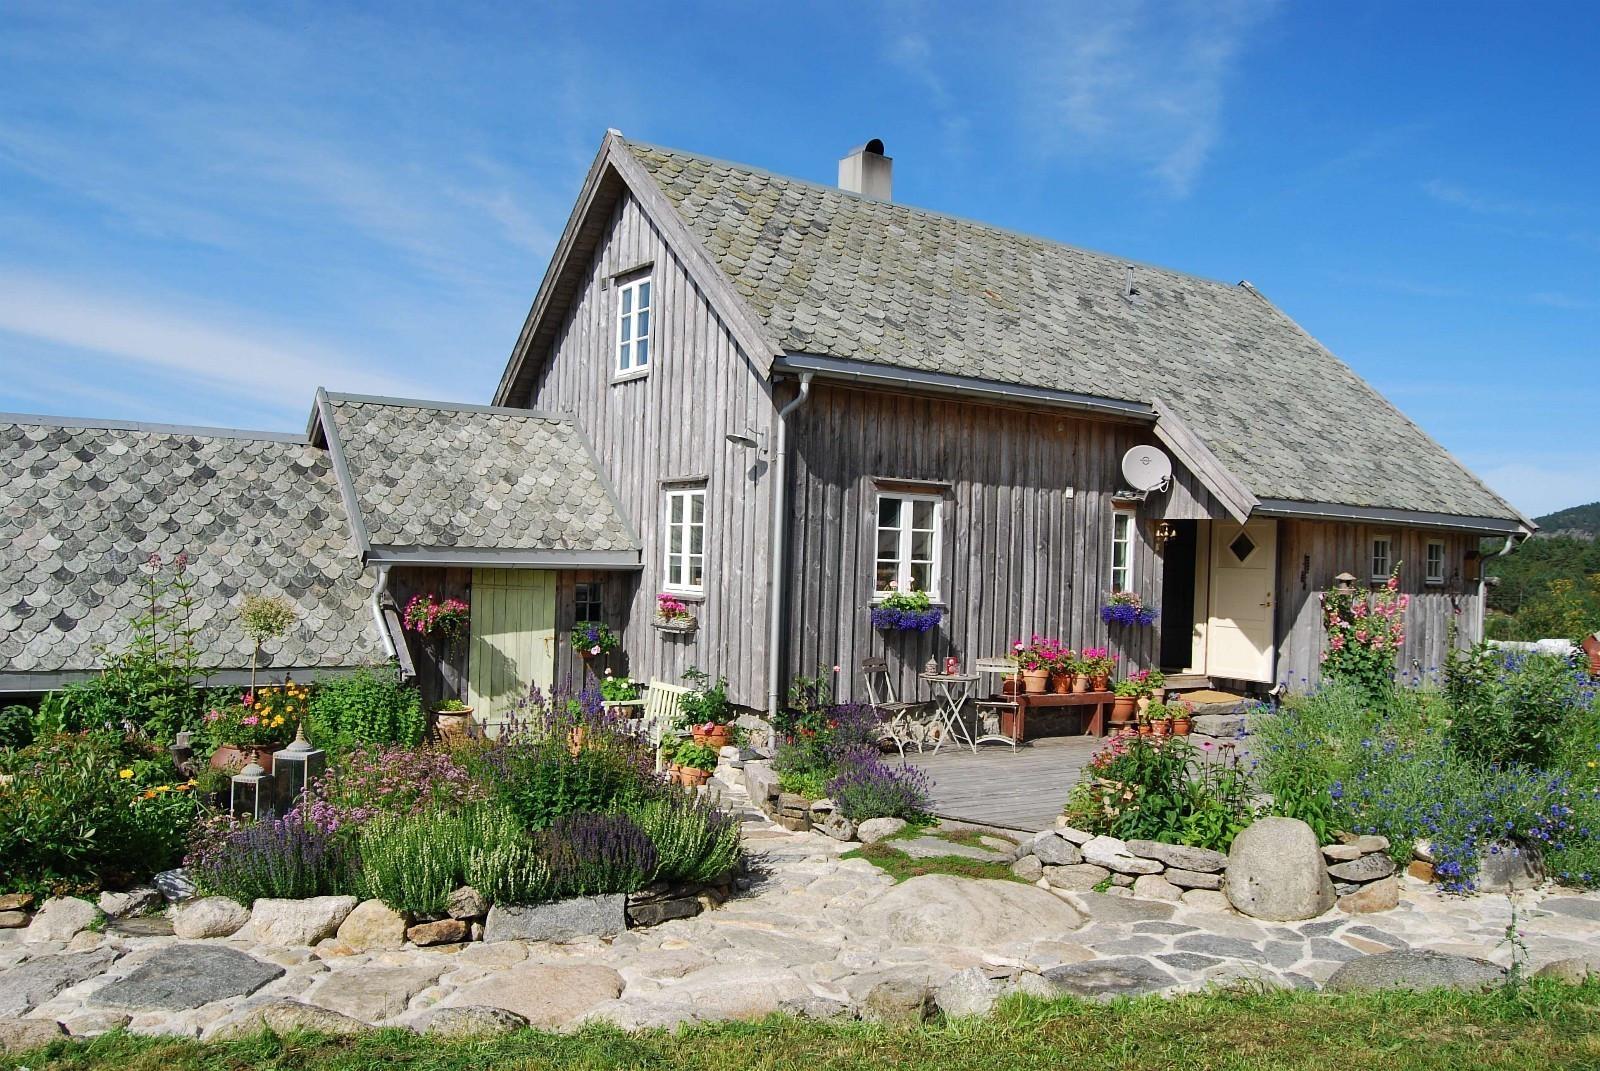 Velkommen til et deilig og fredelig sted - vår, sommer, høst og vinter!